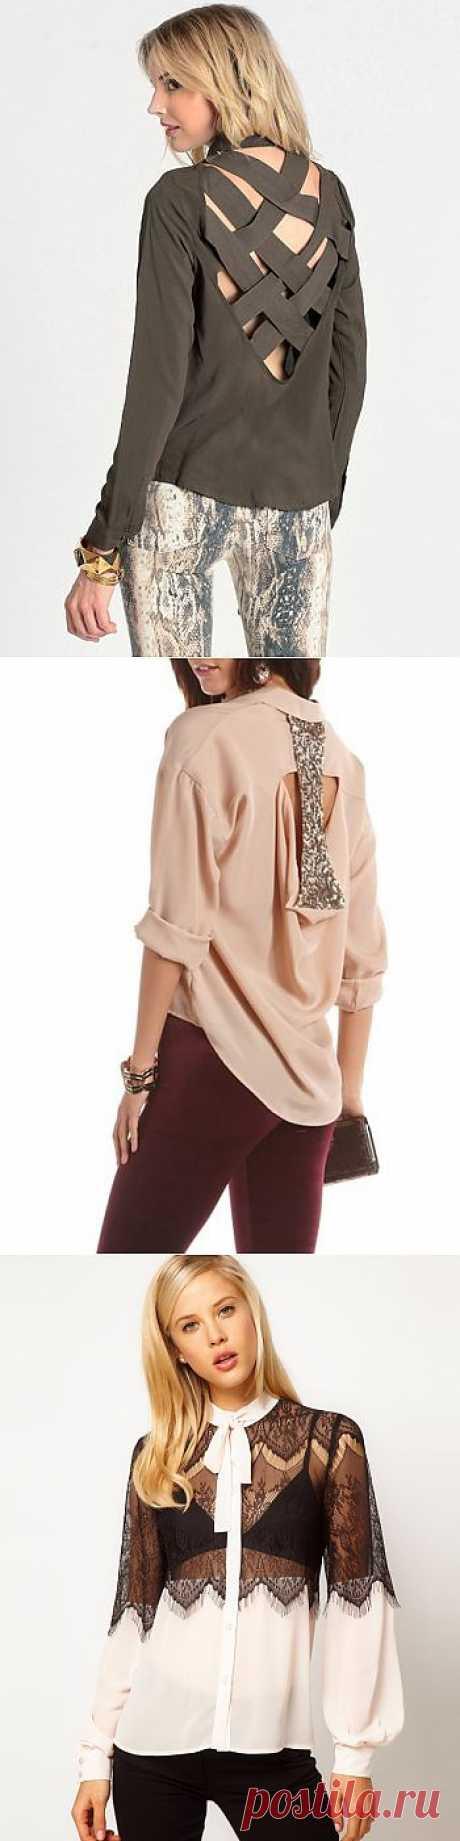 Подборка идей для переделки блузки (трафик) / Блузки / Модный сайт о стильной переделке одежды и интерьера